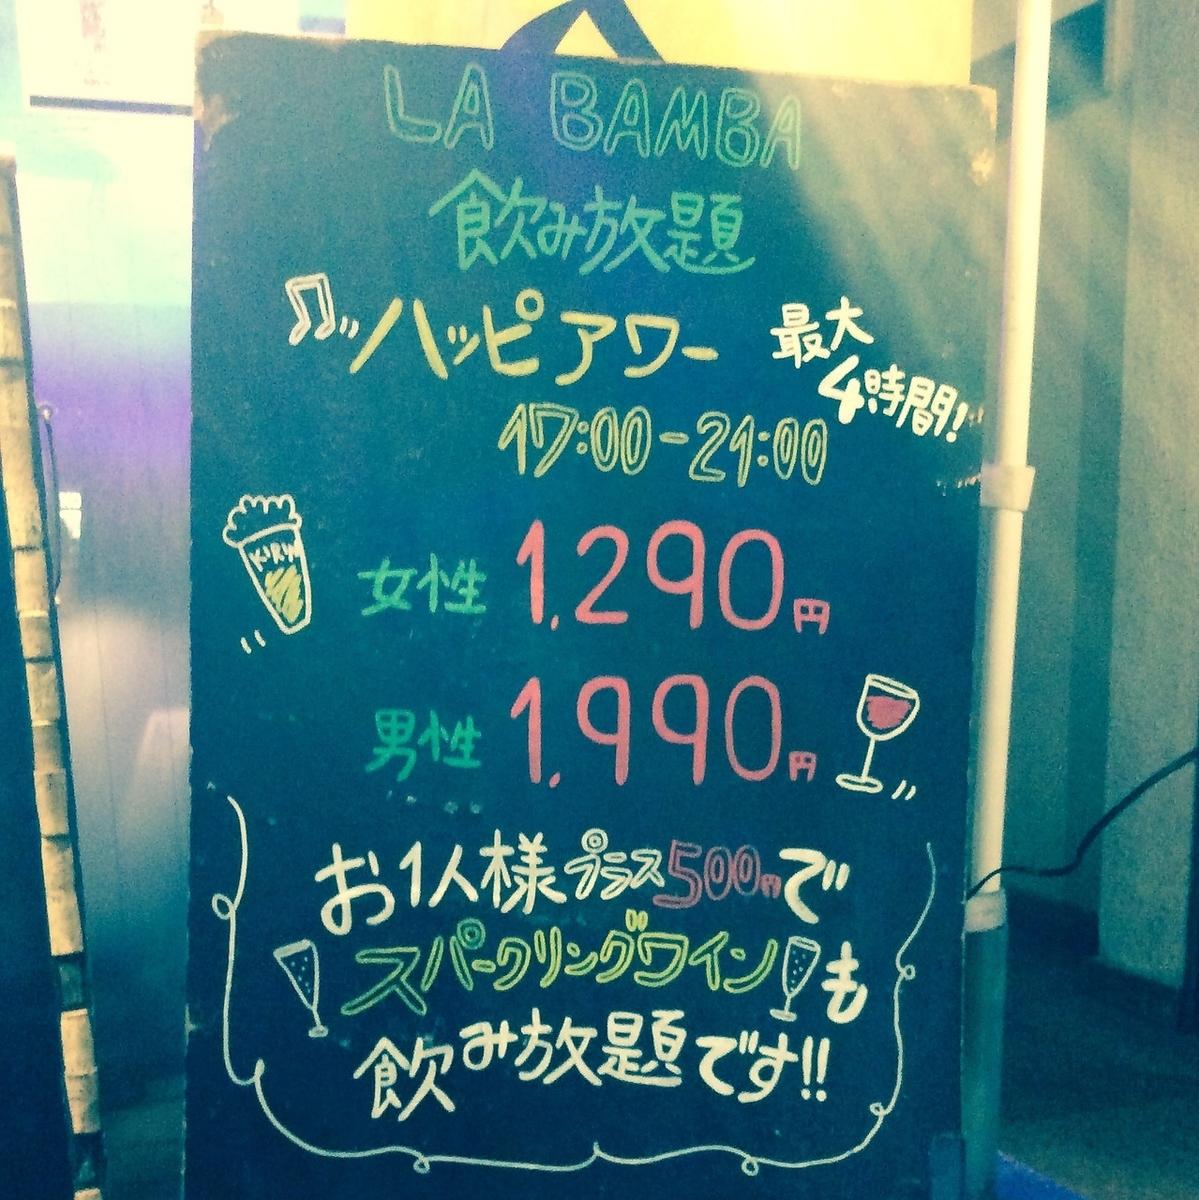 超级快乐!欢乐时光(最多3个小时)所有你可以喝!(另外还有2小时1290日元!)